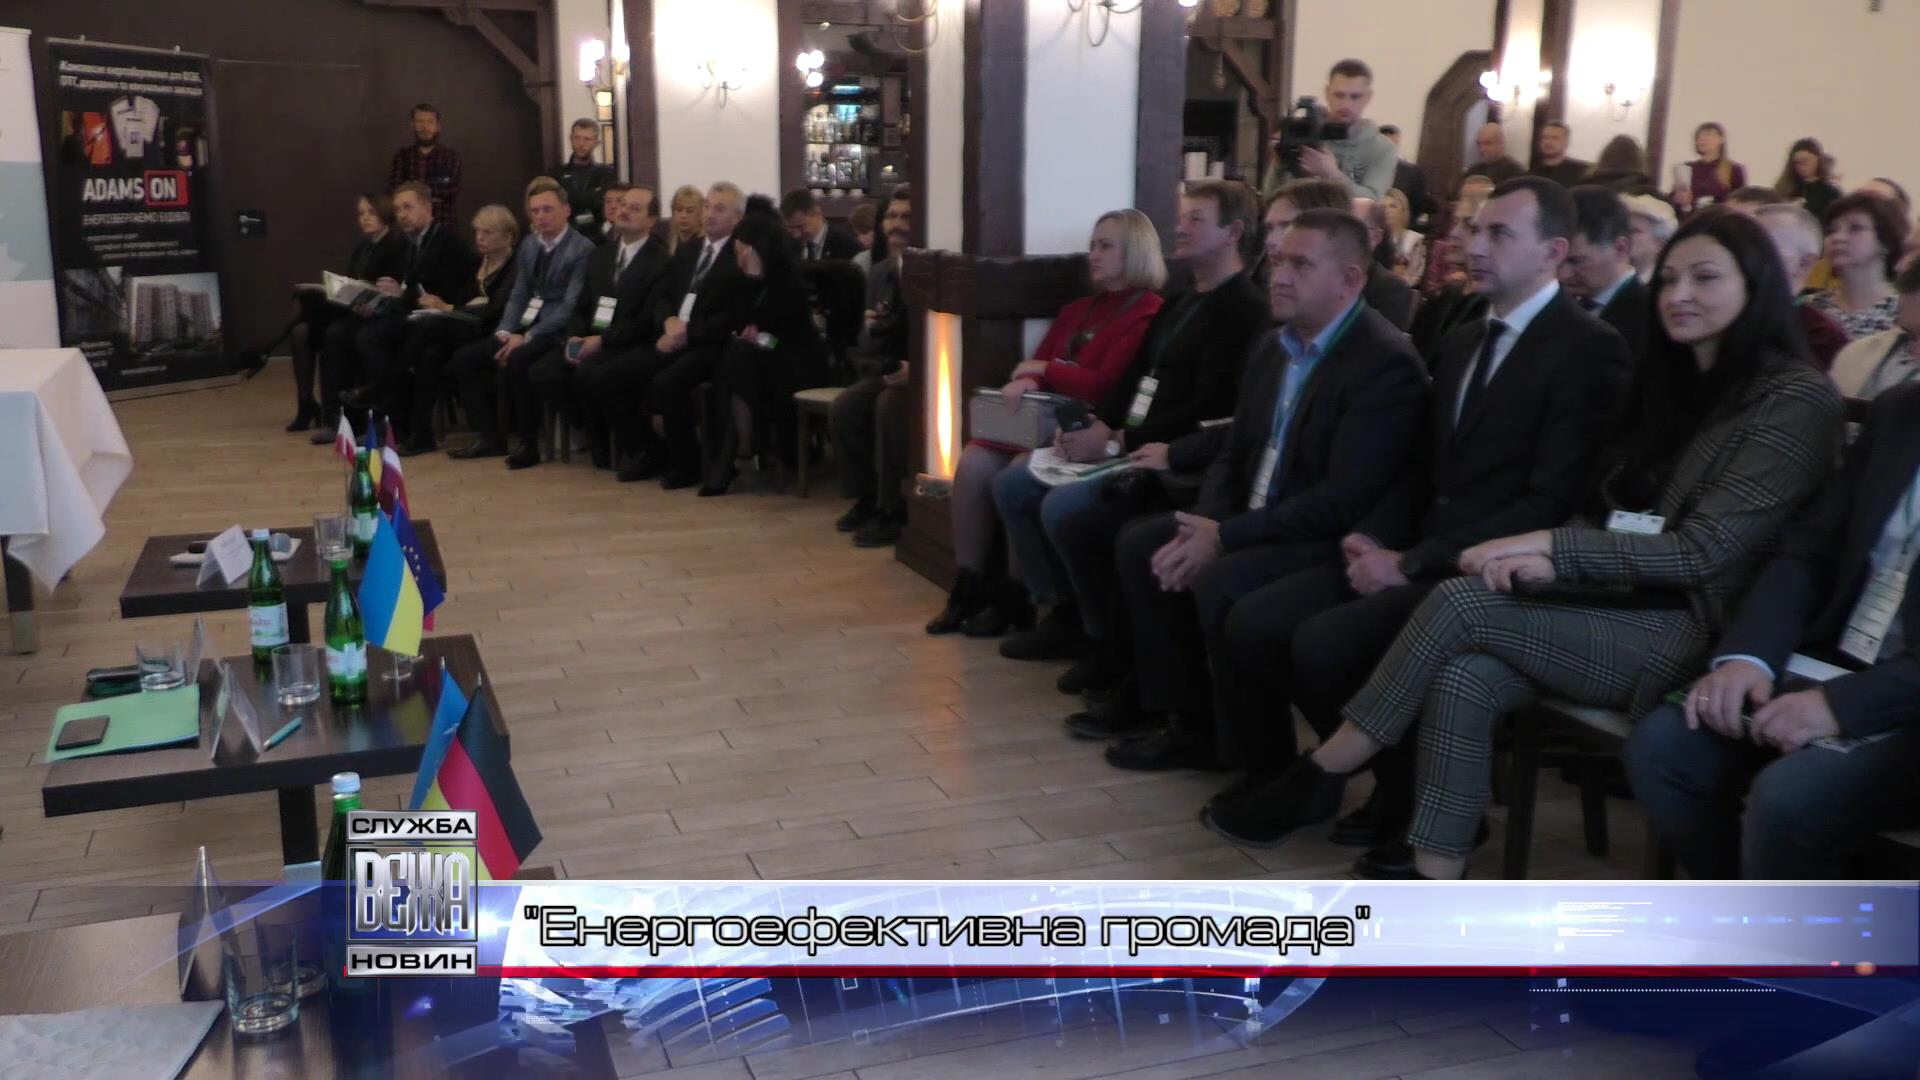 В Івано-Франківську відбувся 5-ий Міжнародний форум «Партнерство і перспектива»[18-40-42]